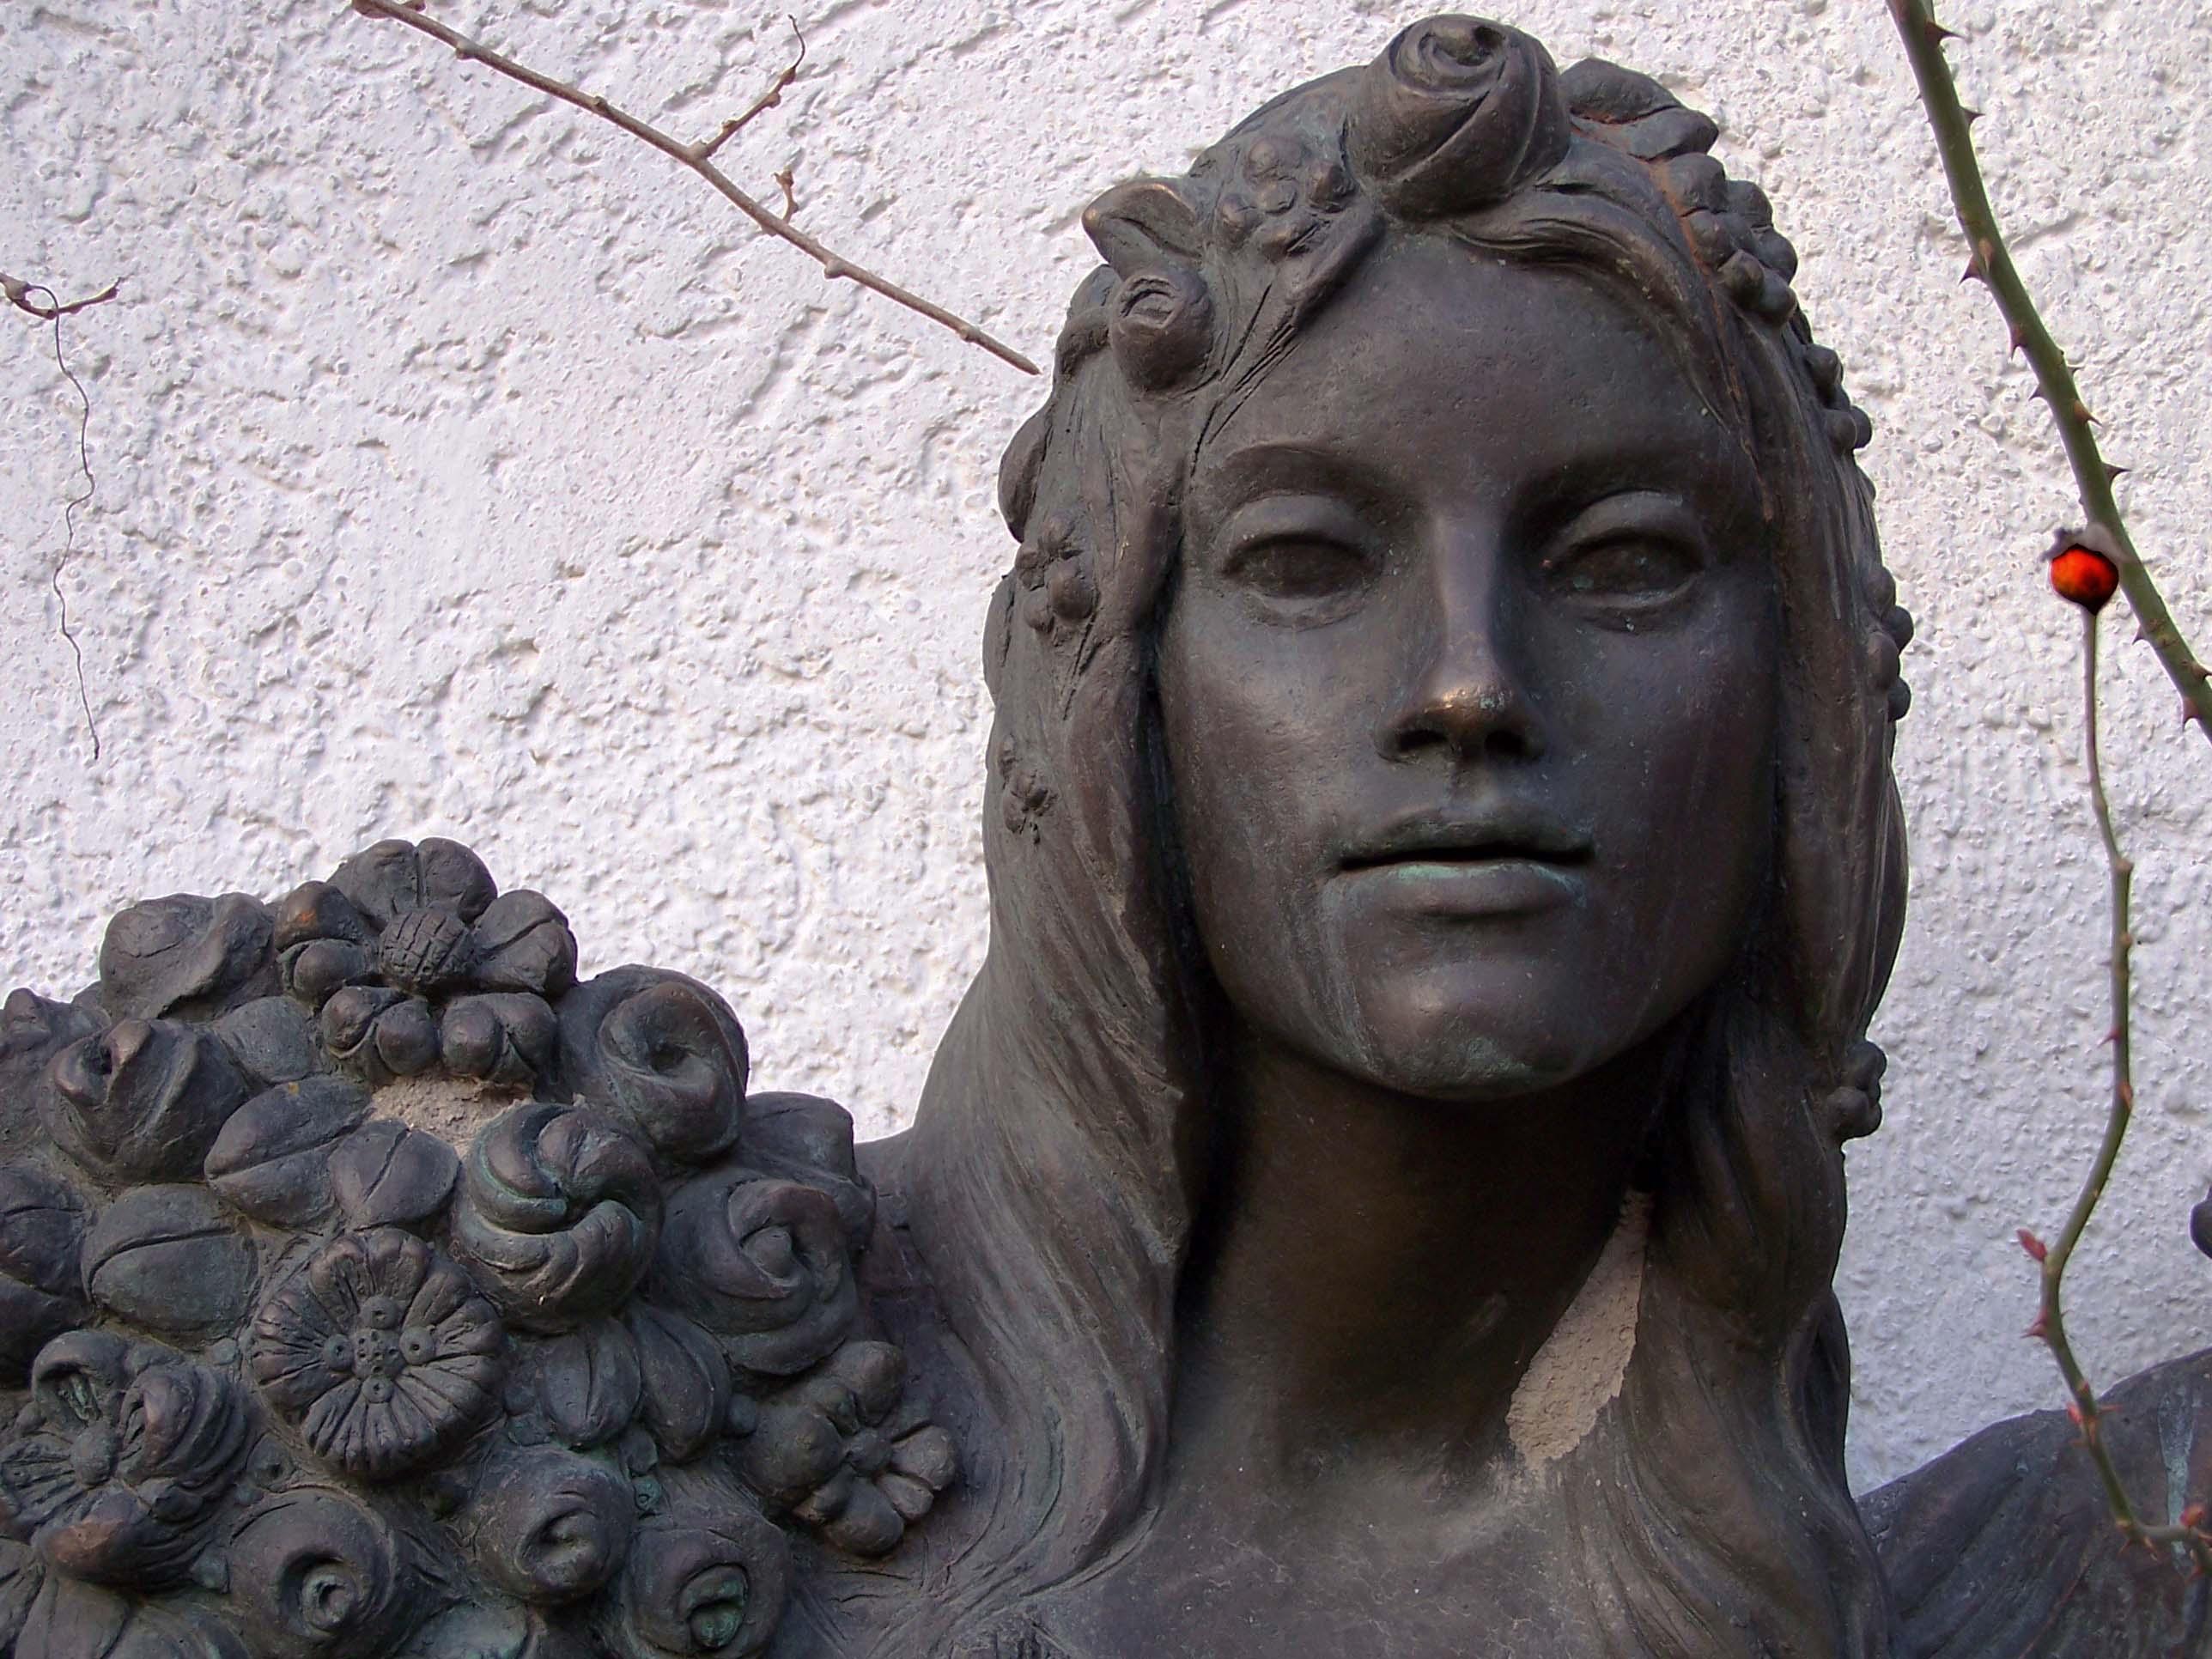 Frauenfigur im Rosengarten, München